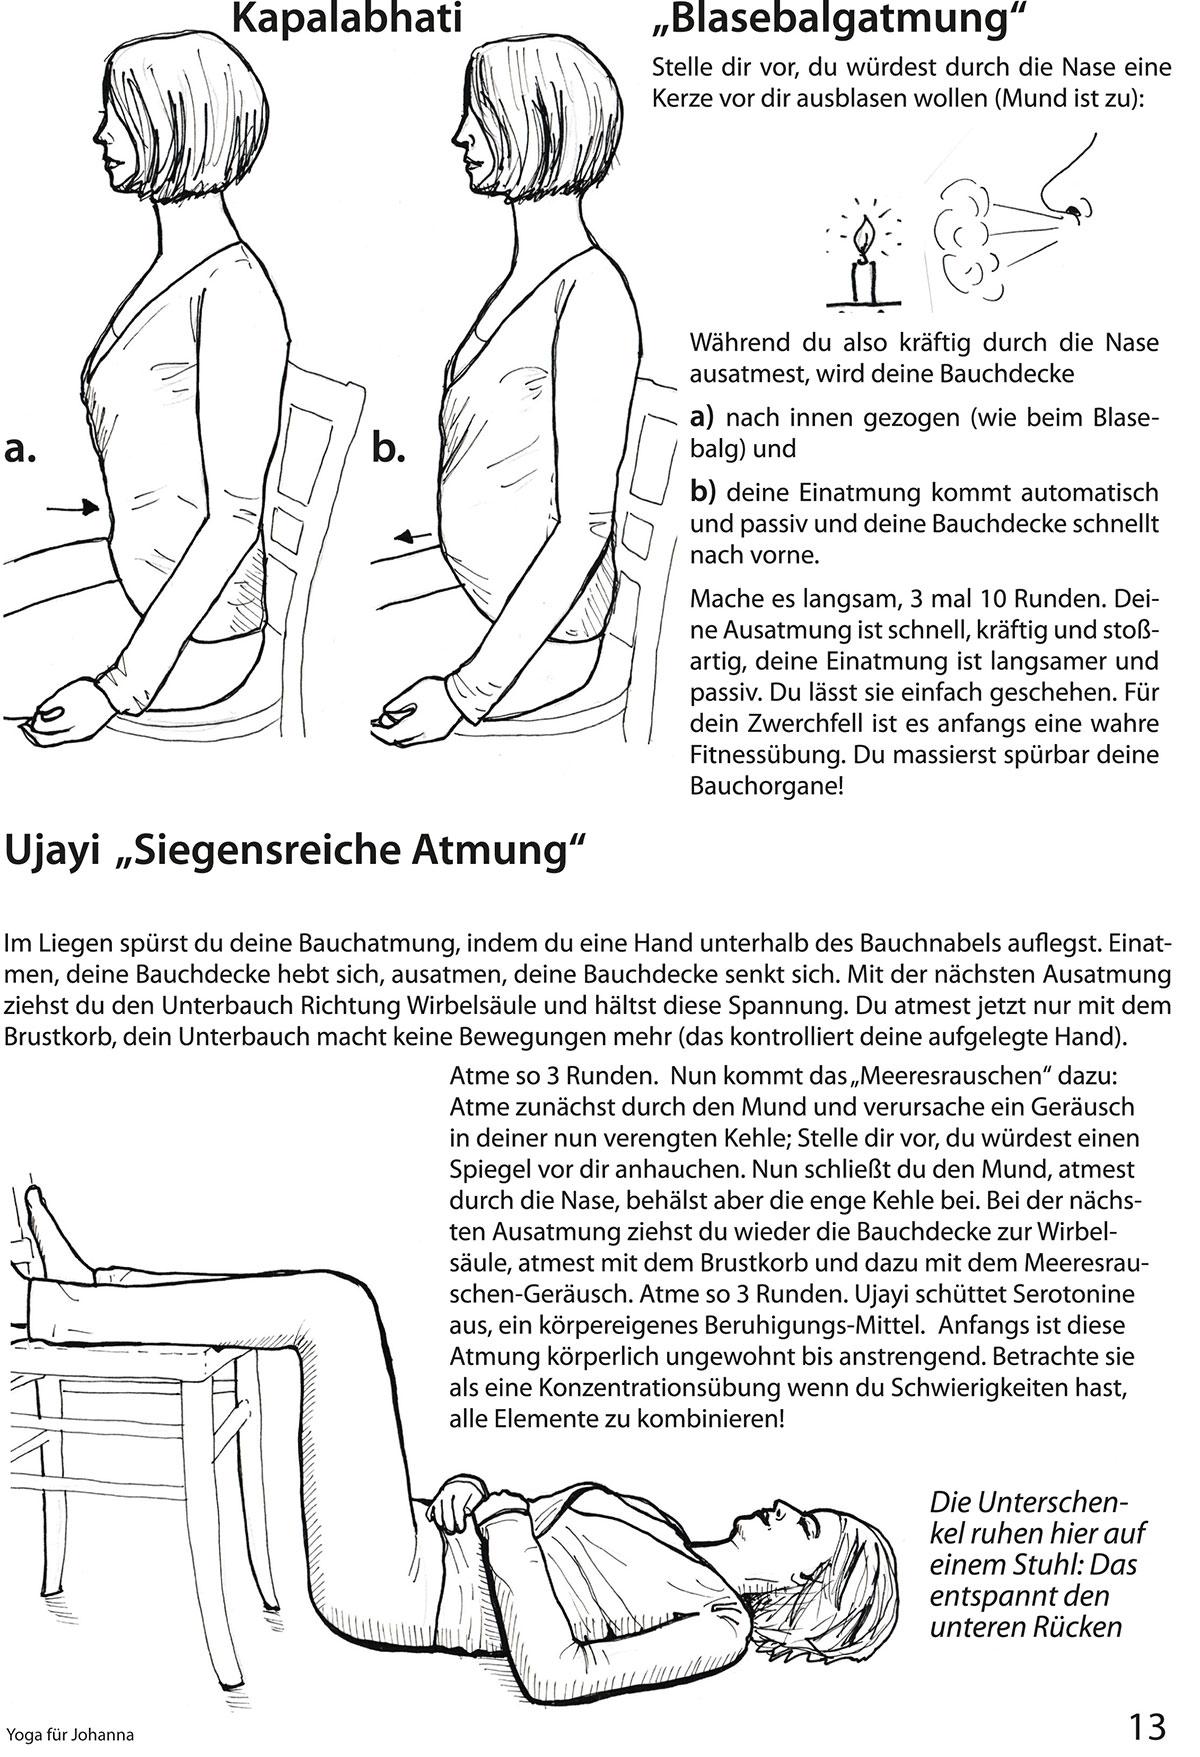 """Auszug aus dem Übungsheft """"Yoga für Johanna"""" von Michelle Laise mit Übungsbeschreibungen für Kapalabhati und Ujayi"""